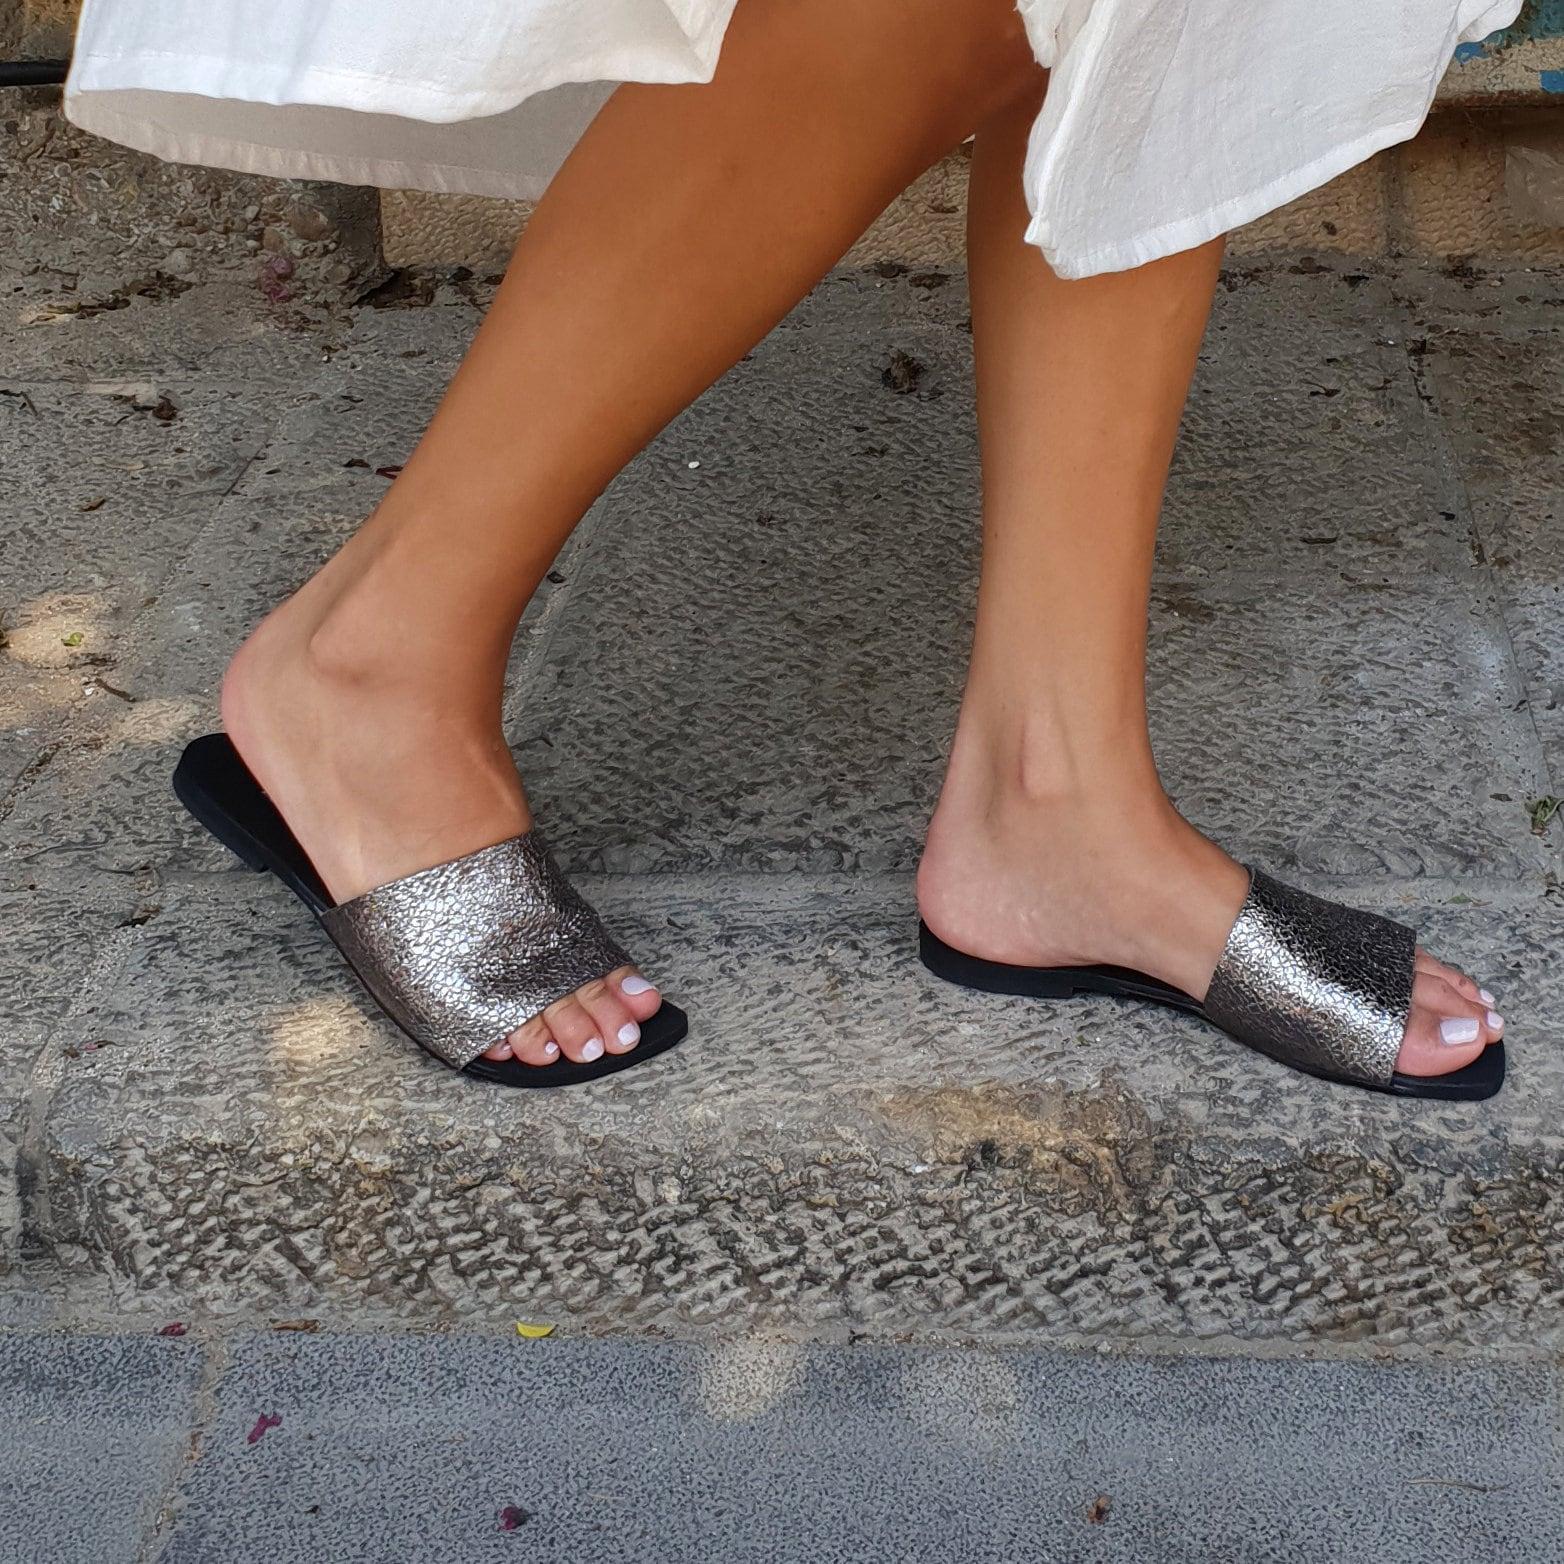 Glisser les sandales, chaussures, ballerines femmes, argent en sur cuir, Slide chaussures, sandales, glisser sur en la chaussure, lames de cuir, chaussure confortable, sabot sandale 295a97